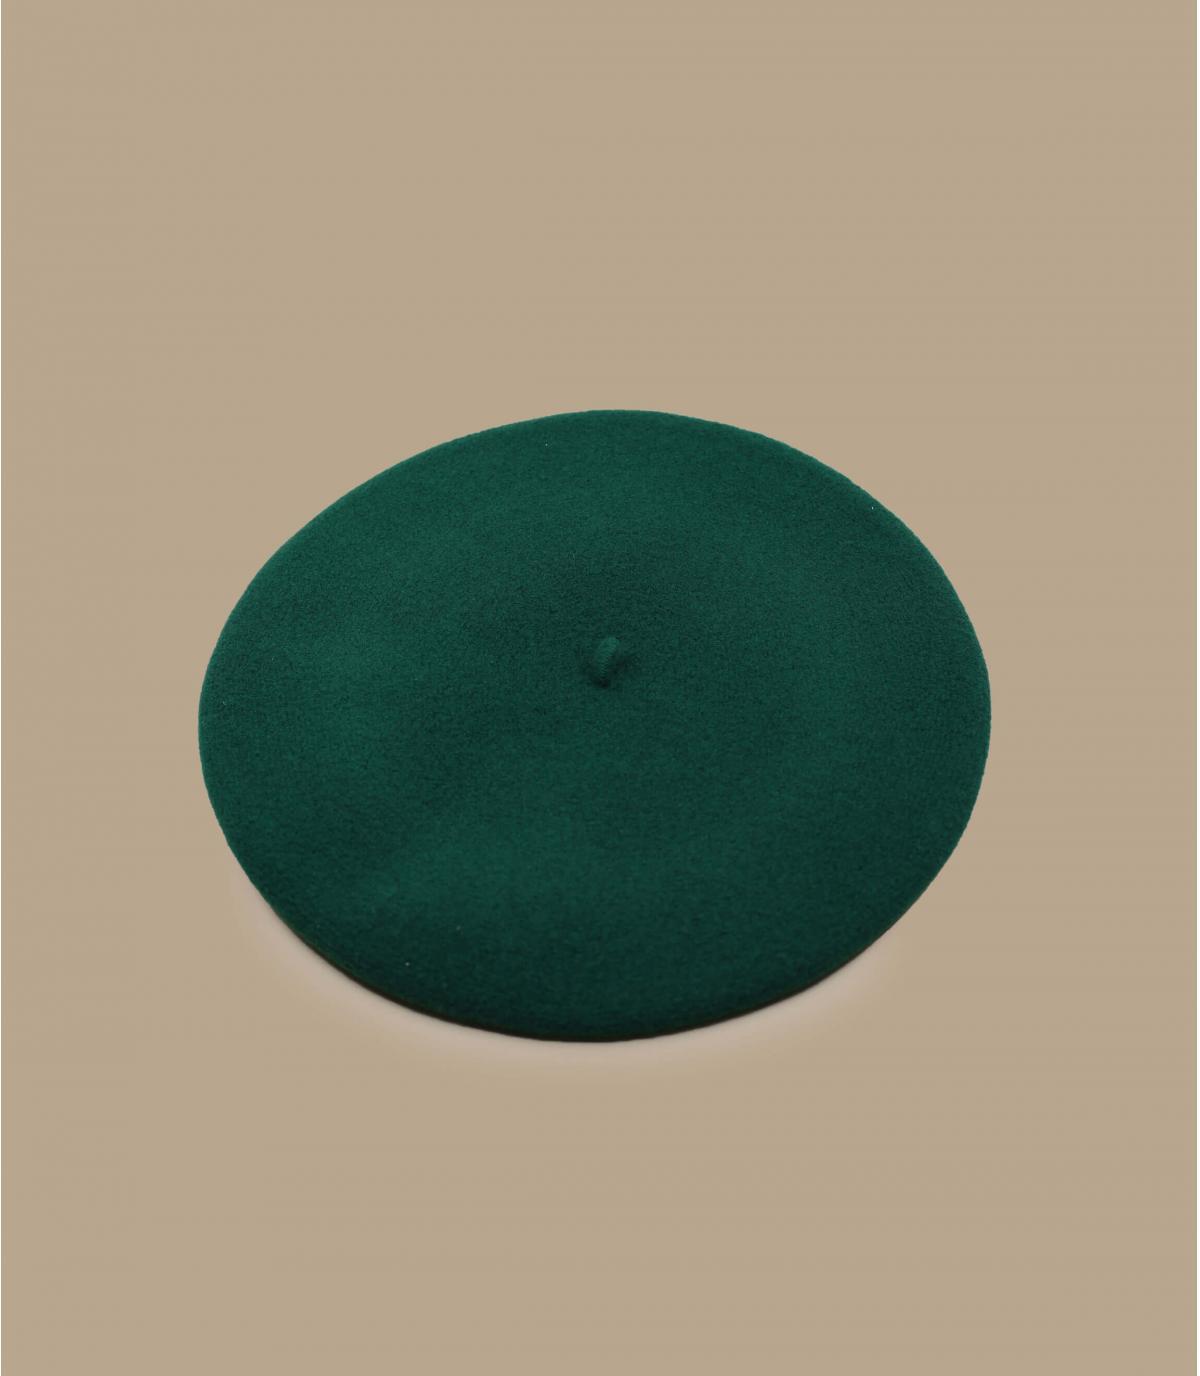 béret vert Laulhère